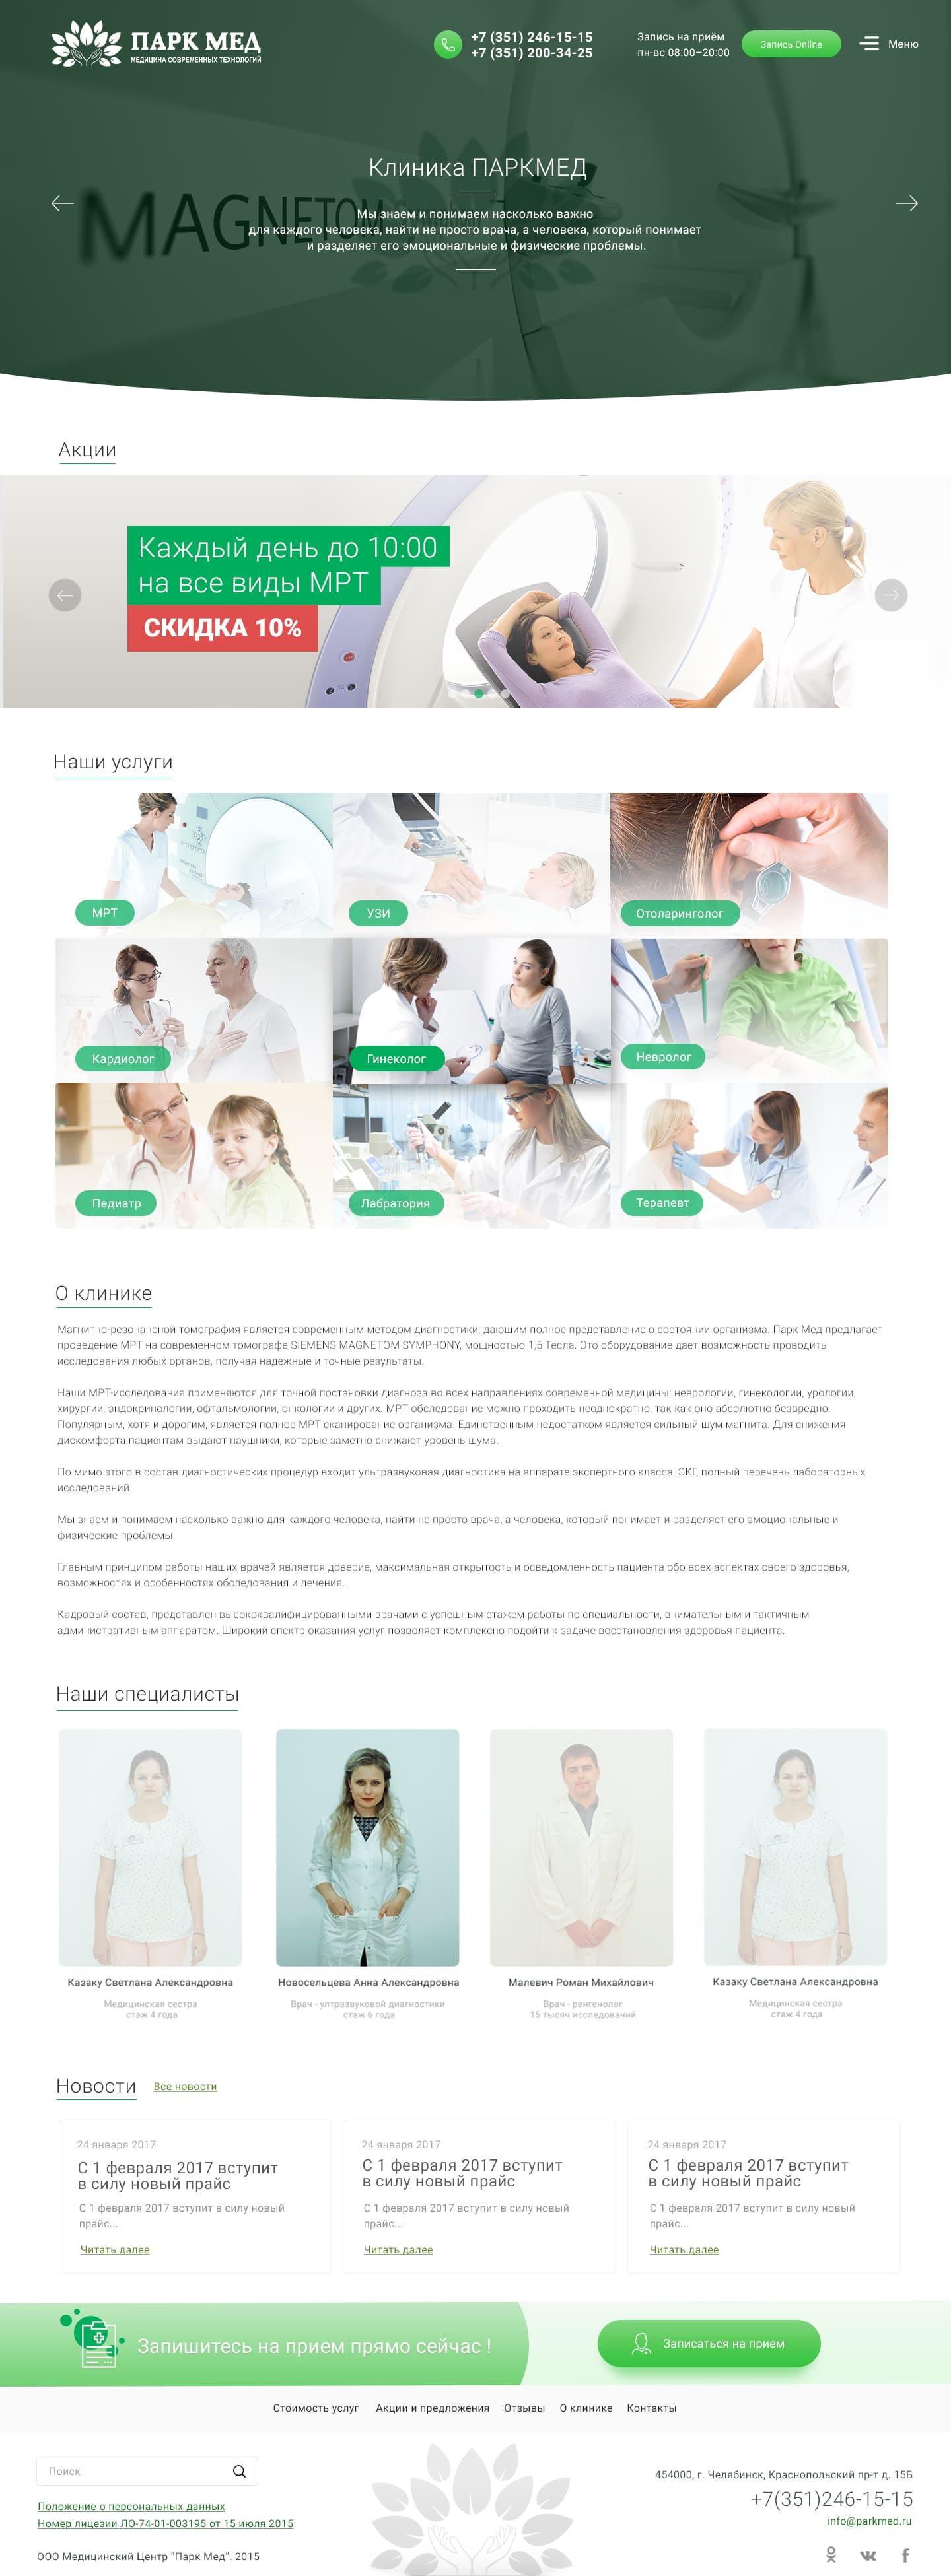 Паркмед - Многопрофильный медицинский центр